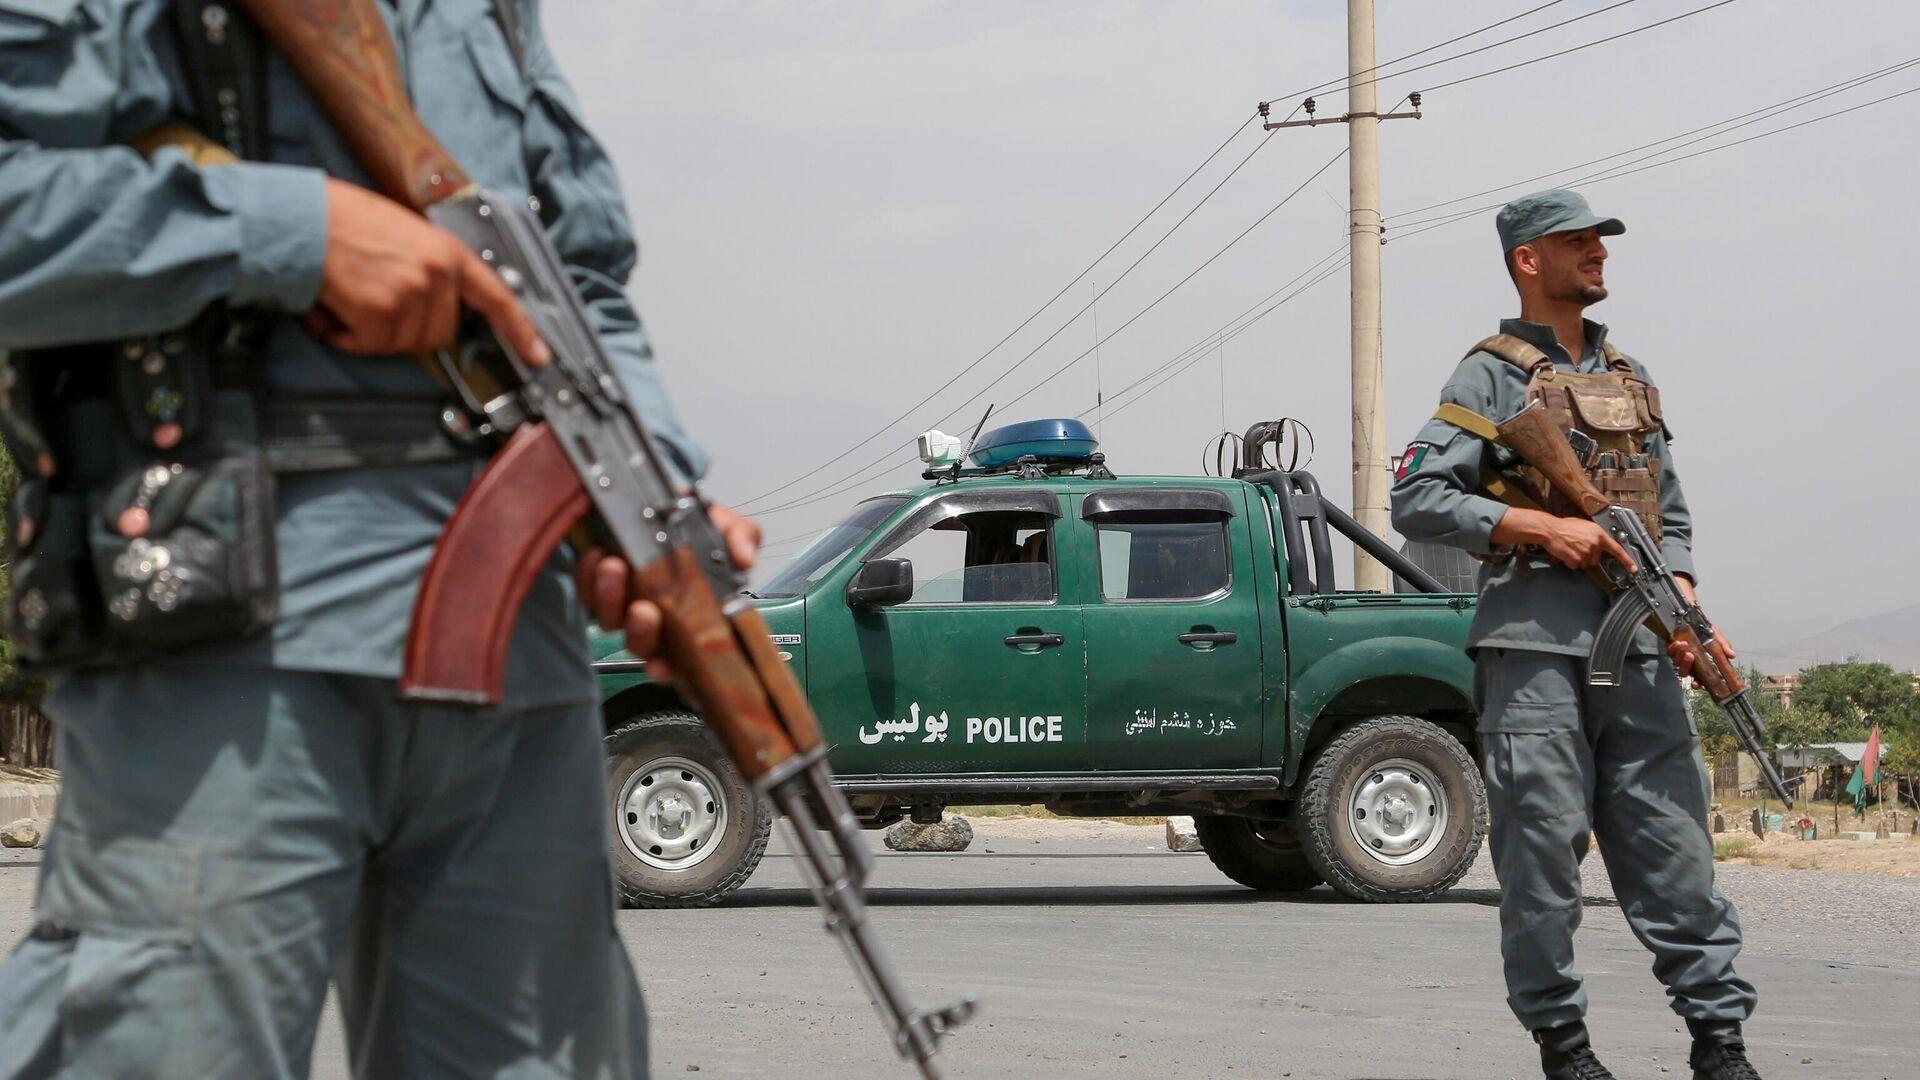 Policija Avganistana u Kabulu - Sputnik Srbija, 1920, 07.09.2021